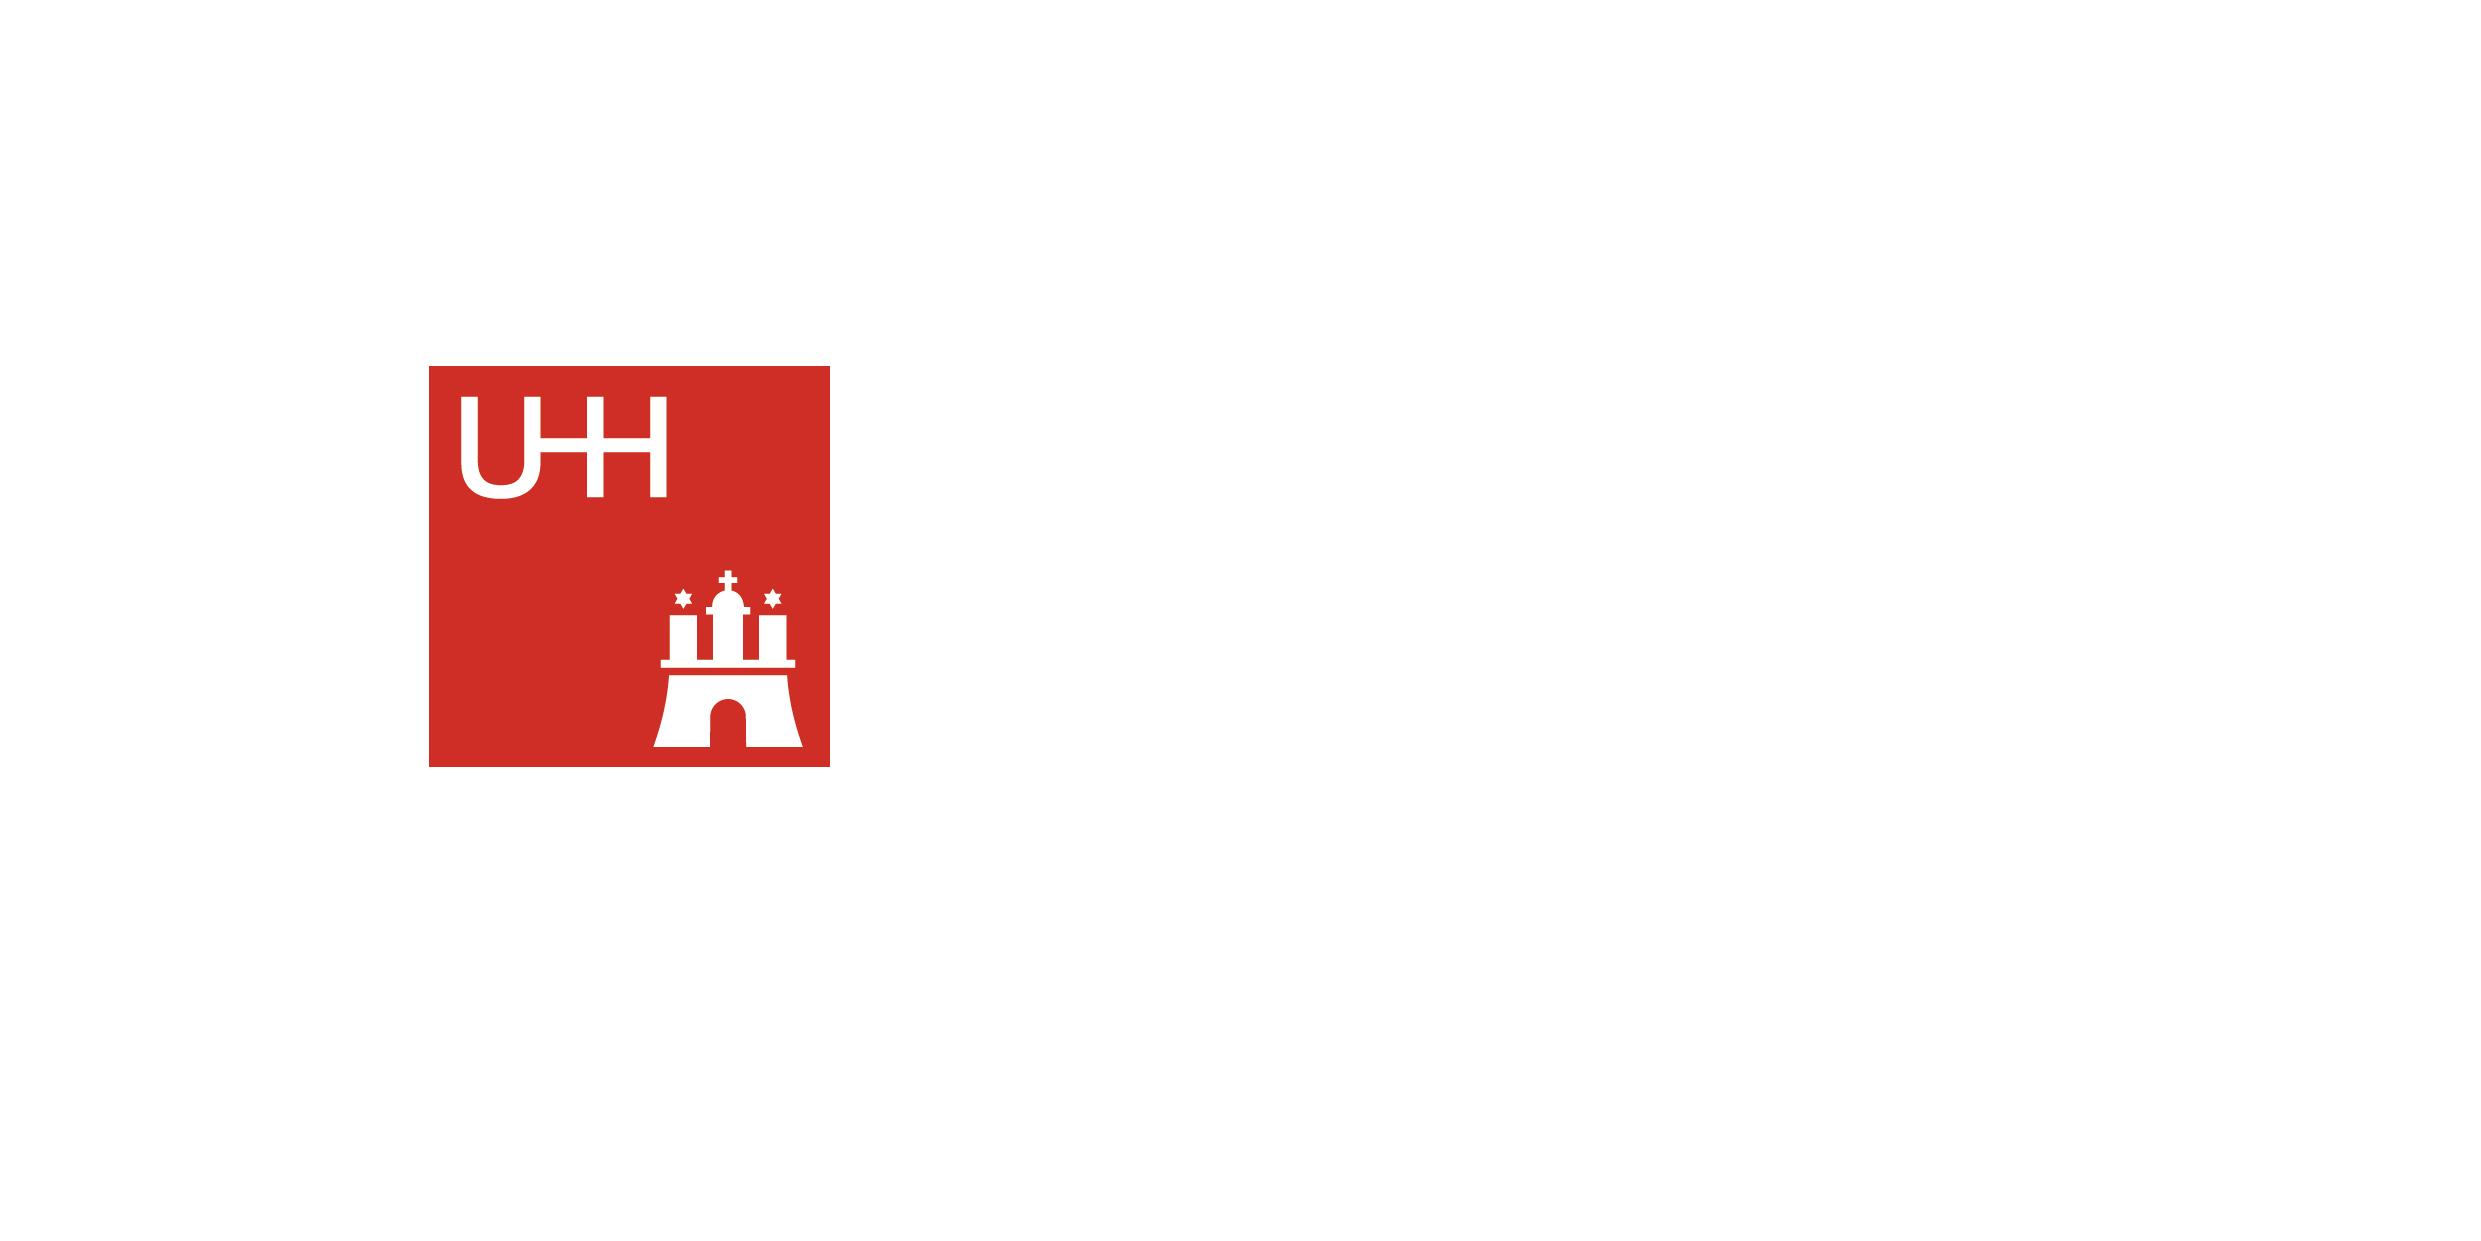 Deckblätter Für Abschlussarbeiten Vorlagen Universität Hamburg